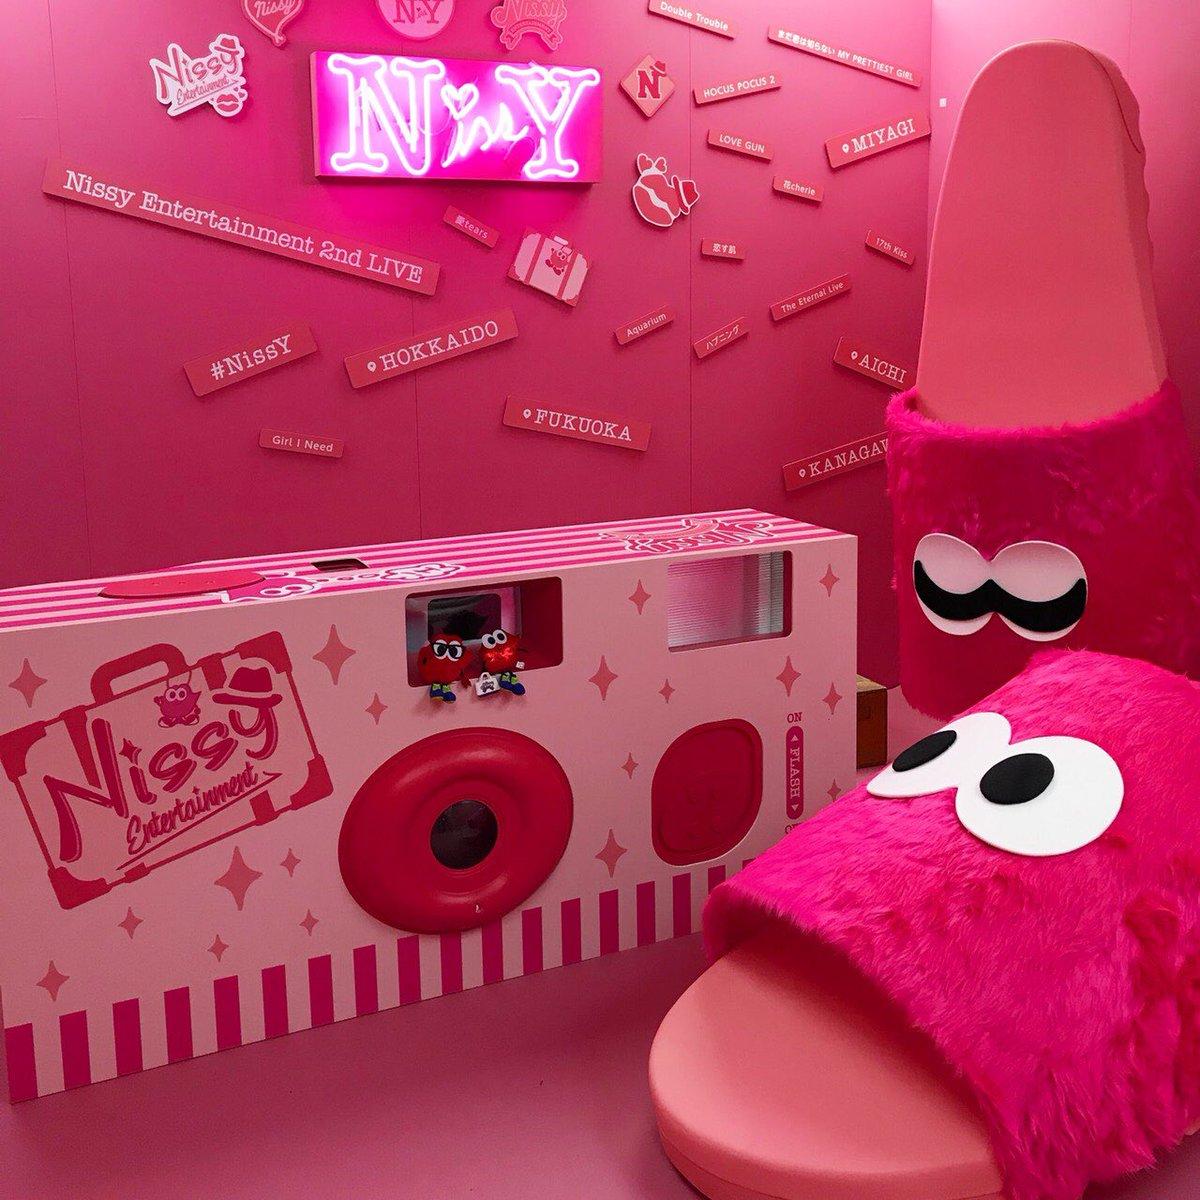 【#NissyEntertainment2ndLive】 #NissY #西島隆弘 #いよいよ明日♪ #色々準備しています #Lippyはウキウキで写真撮影 #パンフレットとフレグランスタグとタトゥーシールのEC販売もスタートだよ♪